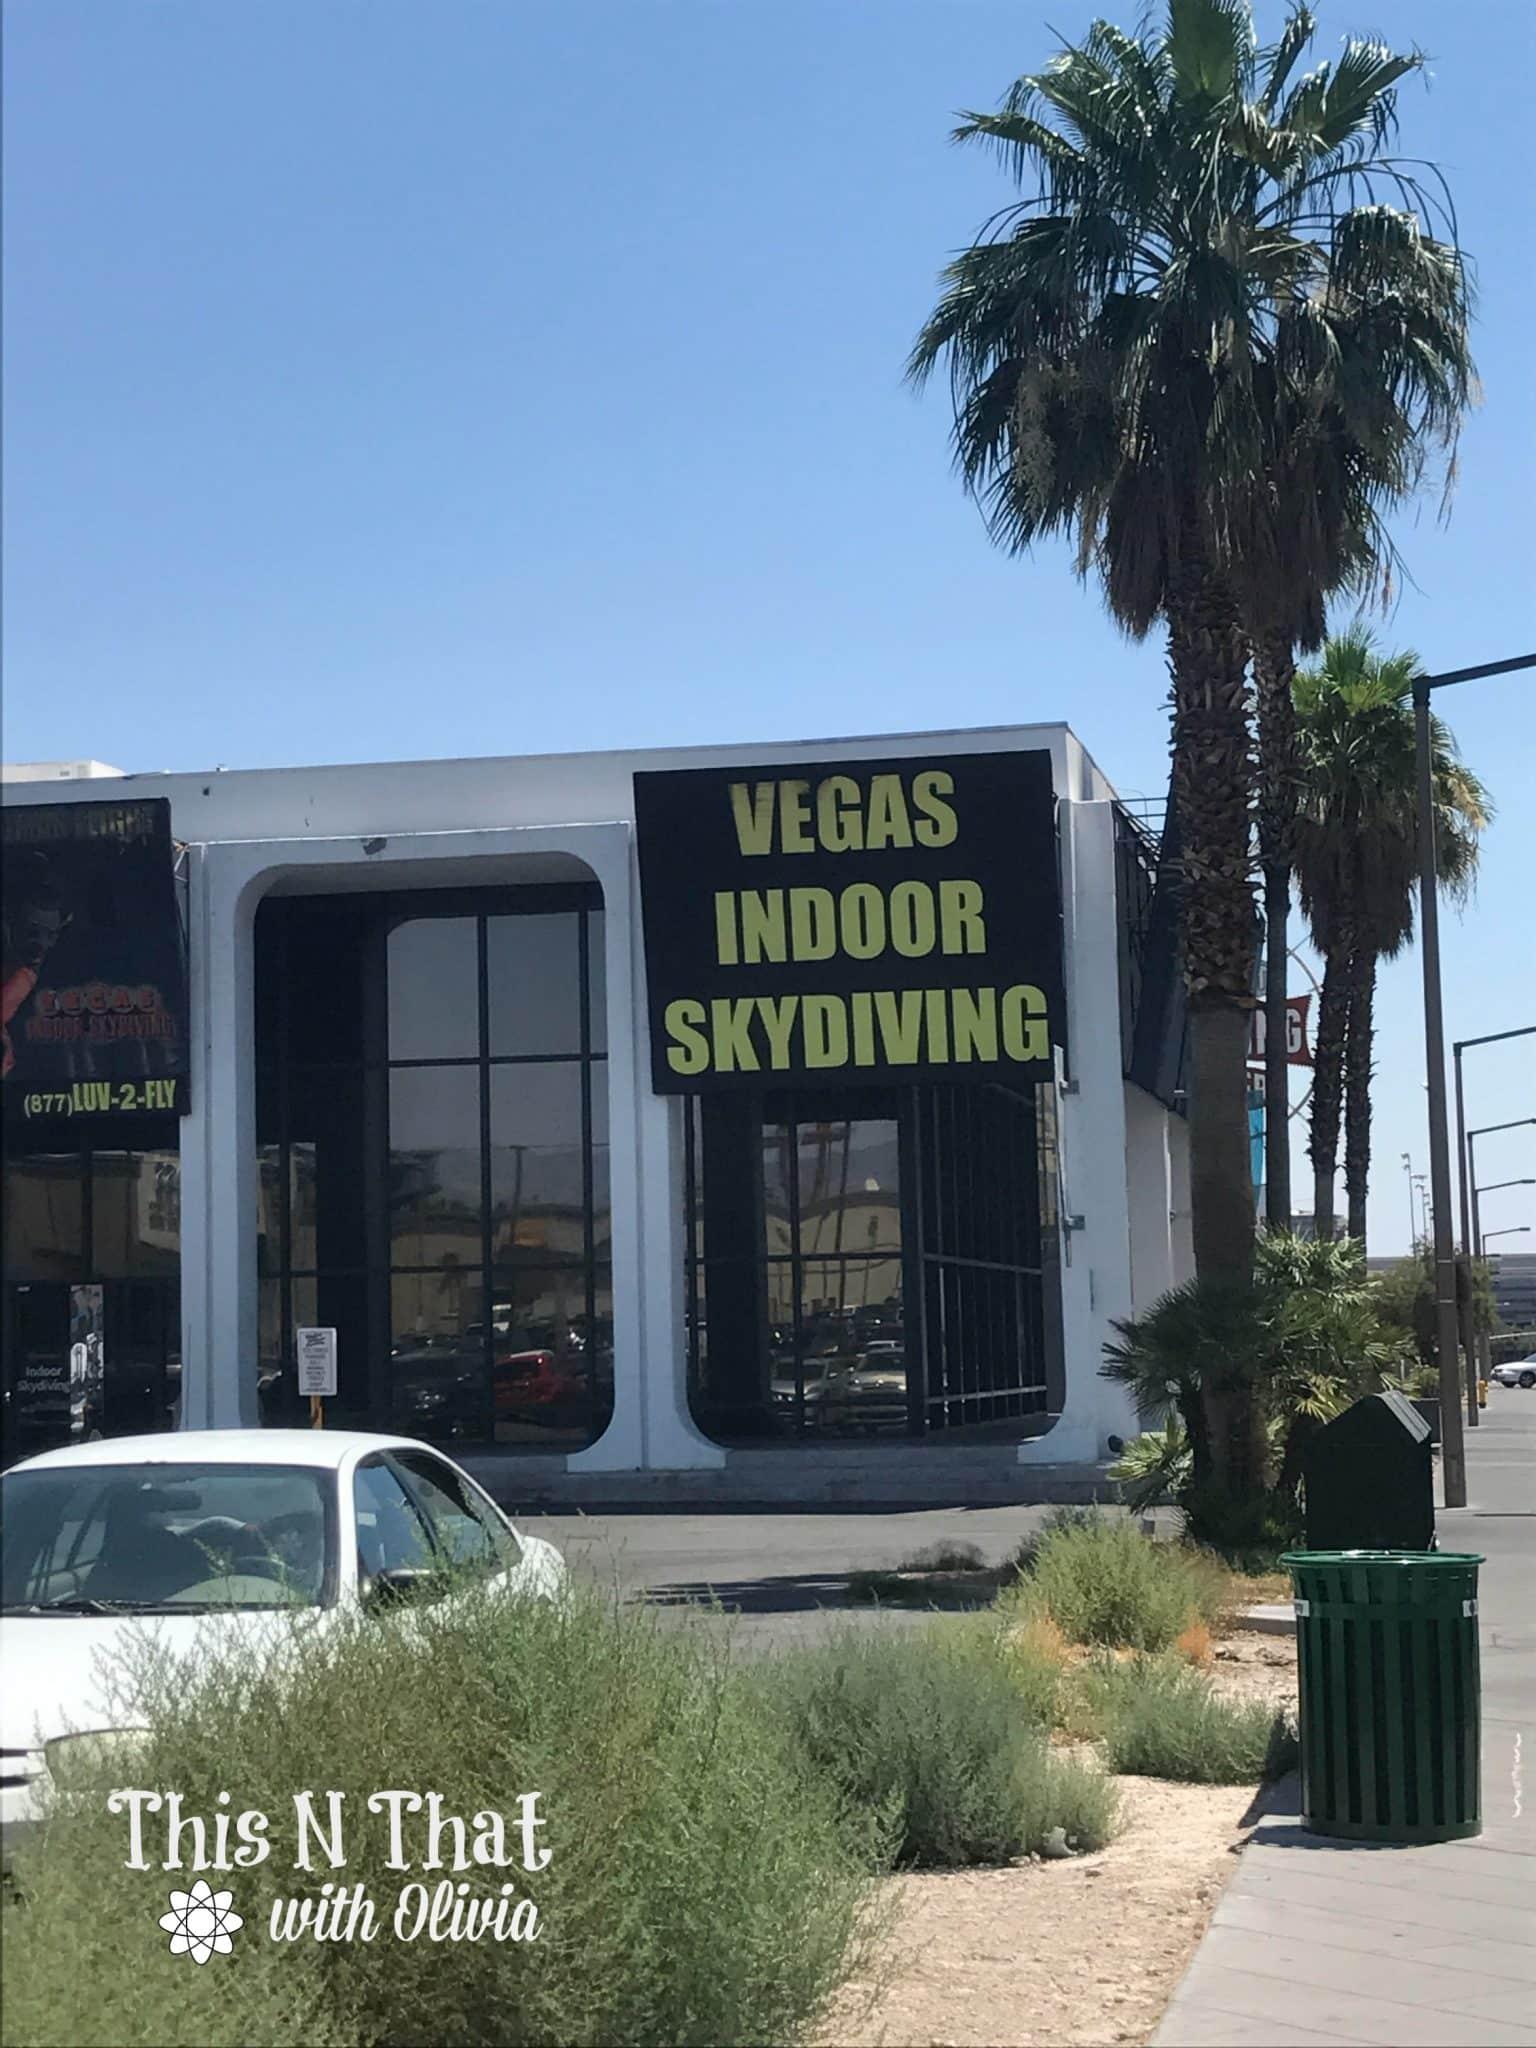 Indoor Skydiving Experience at Vegas Indoor Skydiving @LVIndoorSkydiving @USFG #Hosted